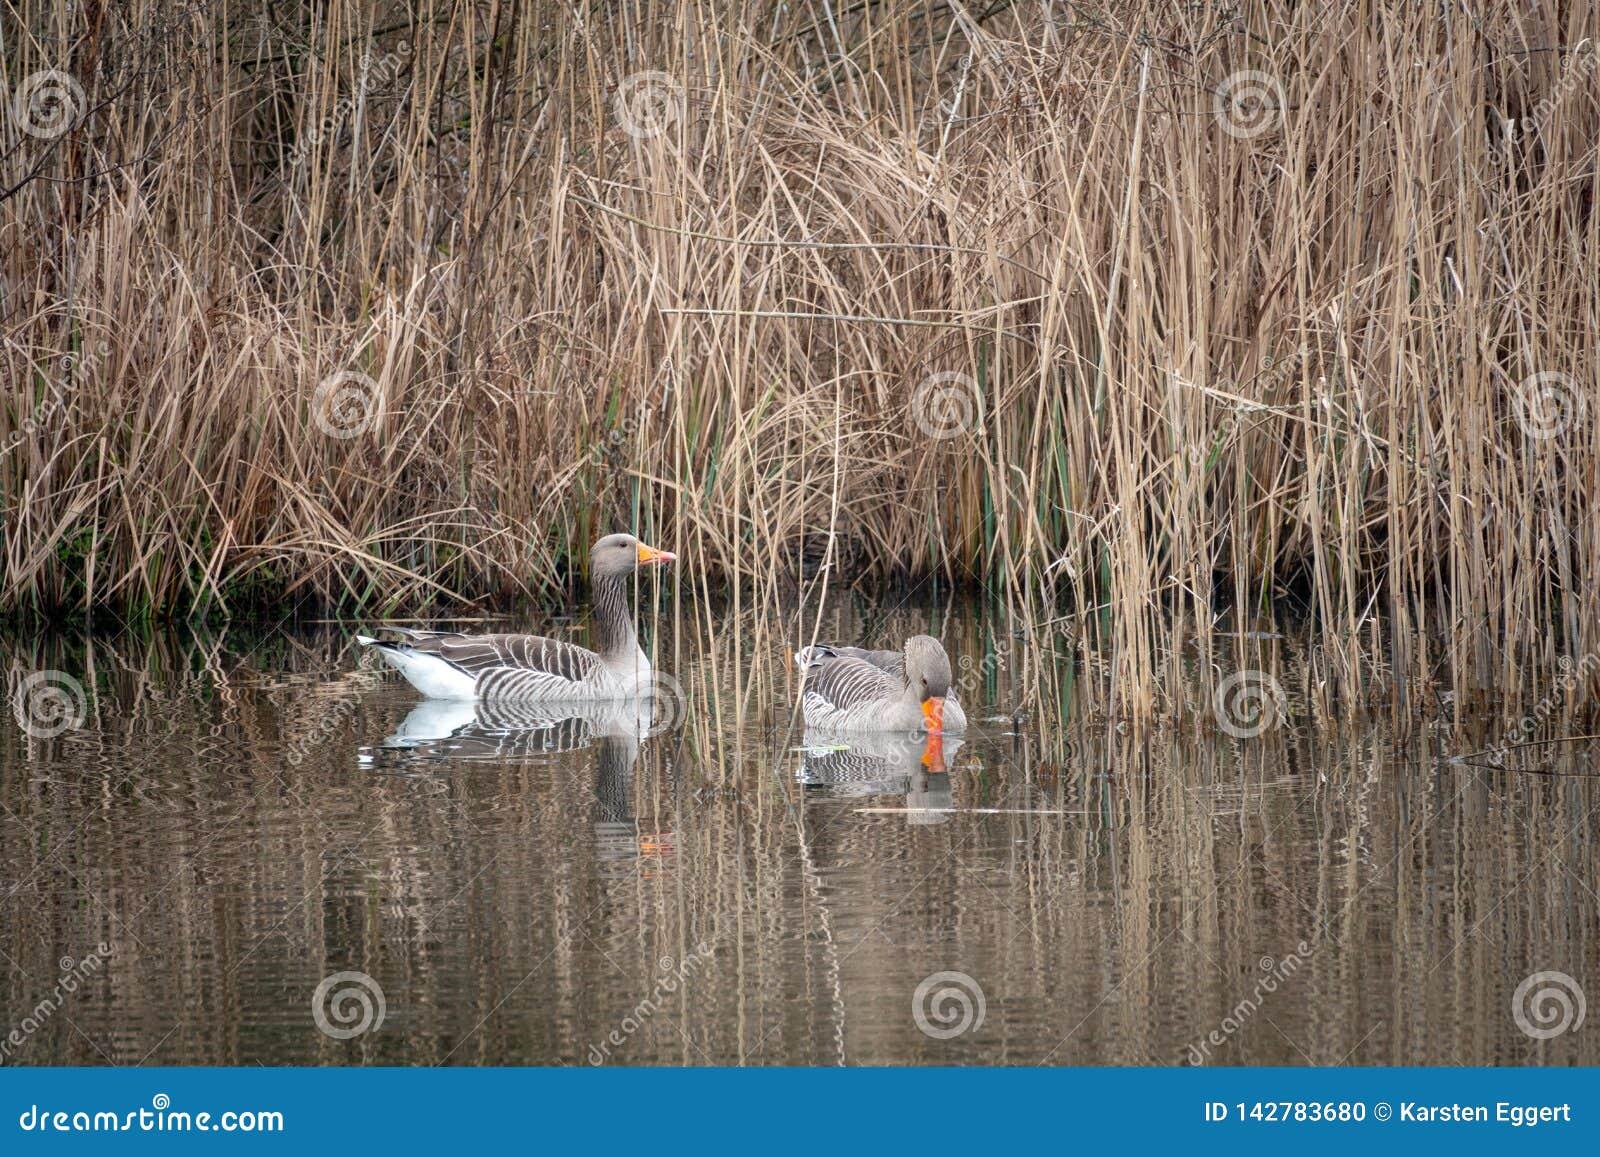 2 oies grises nageant sur un lac